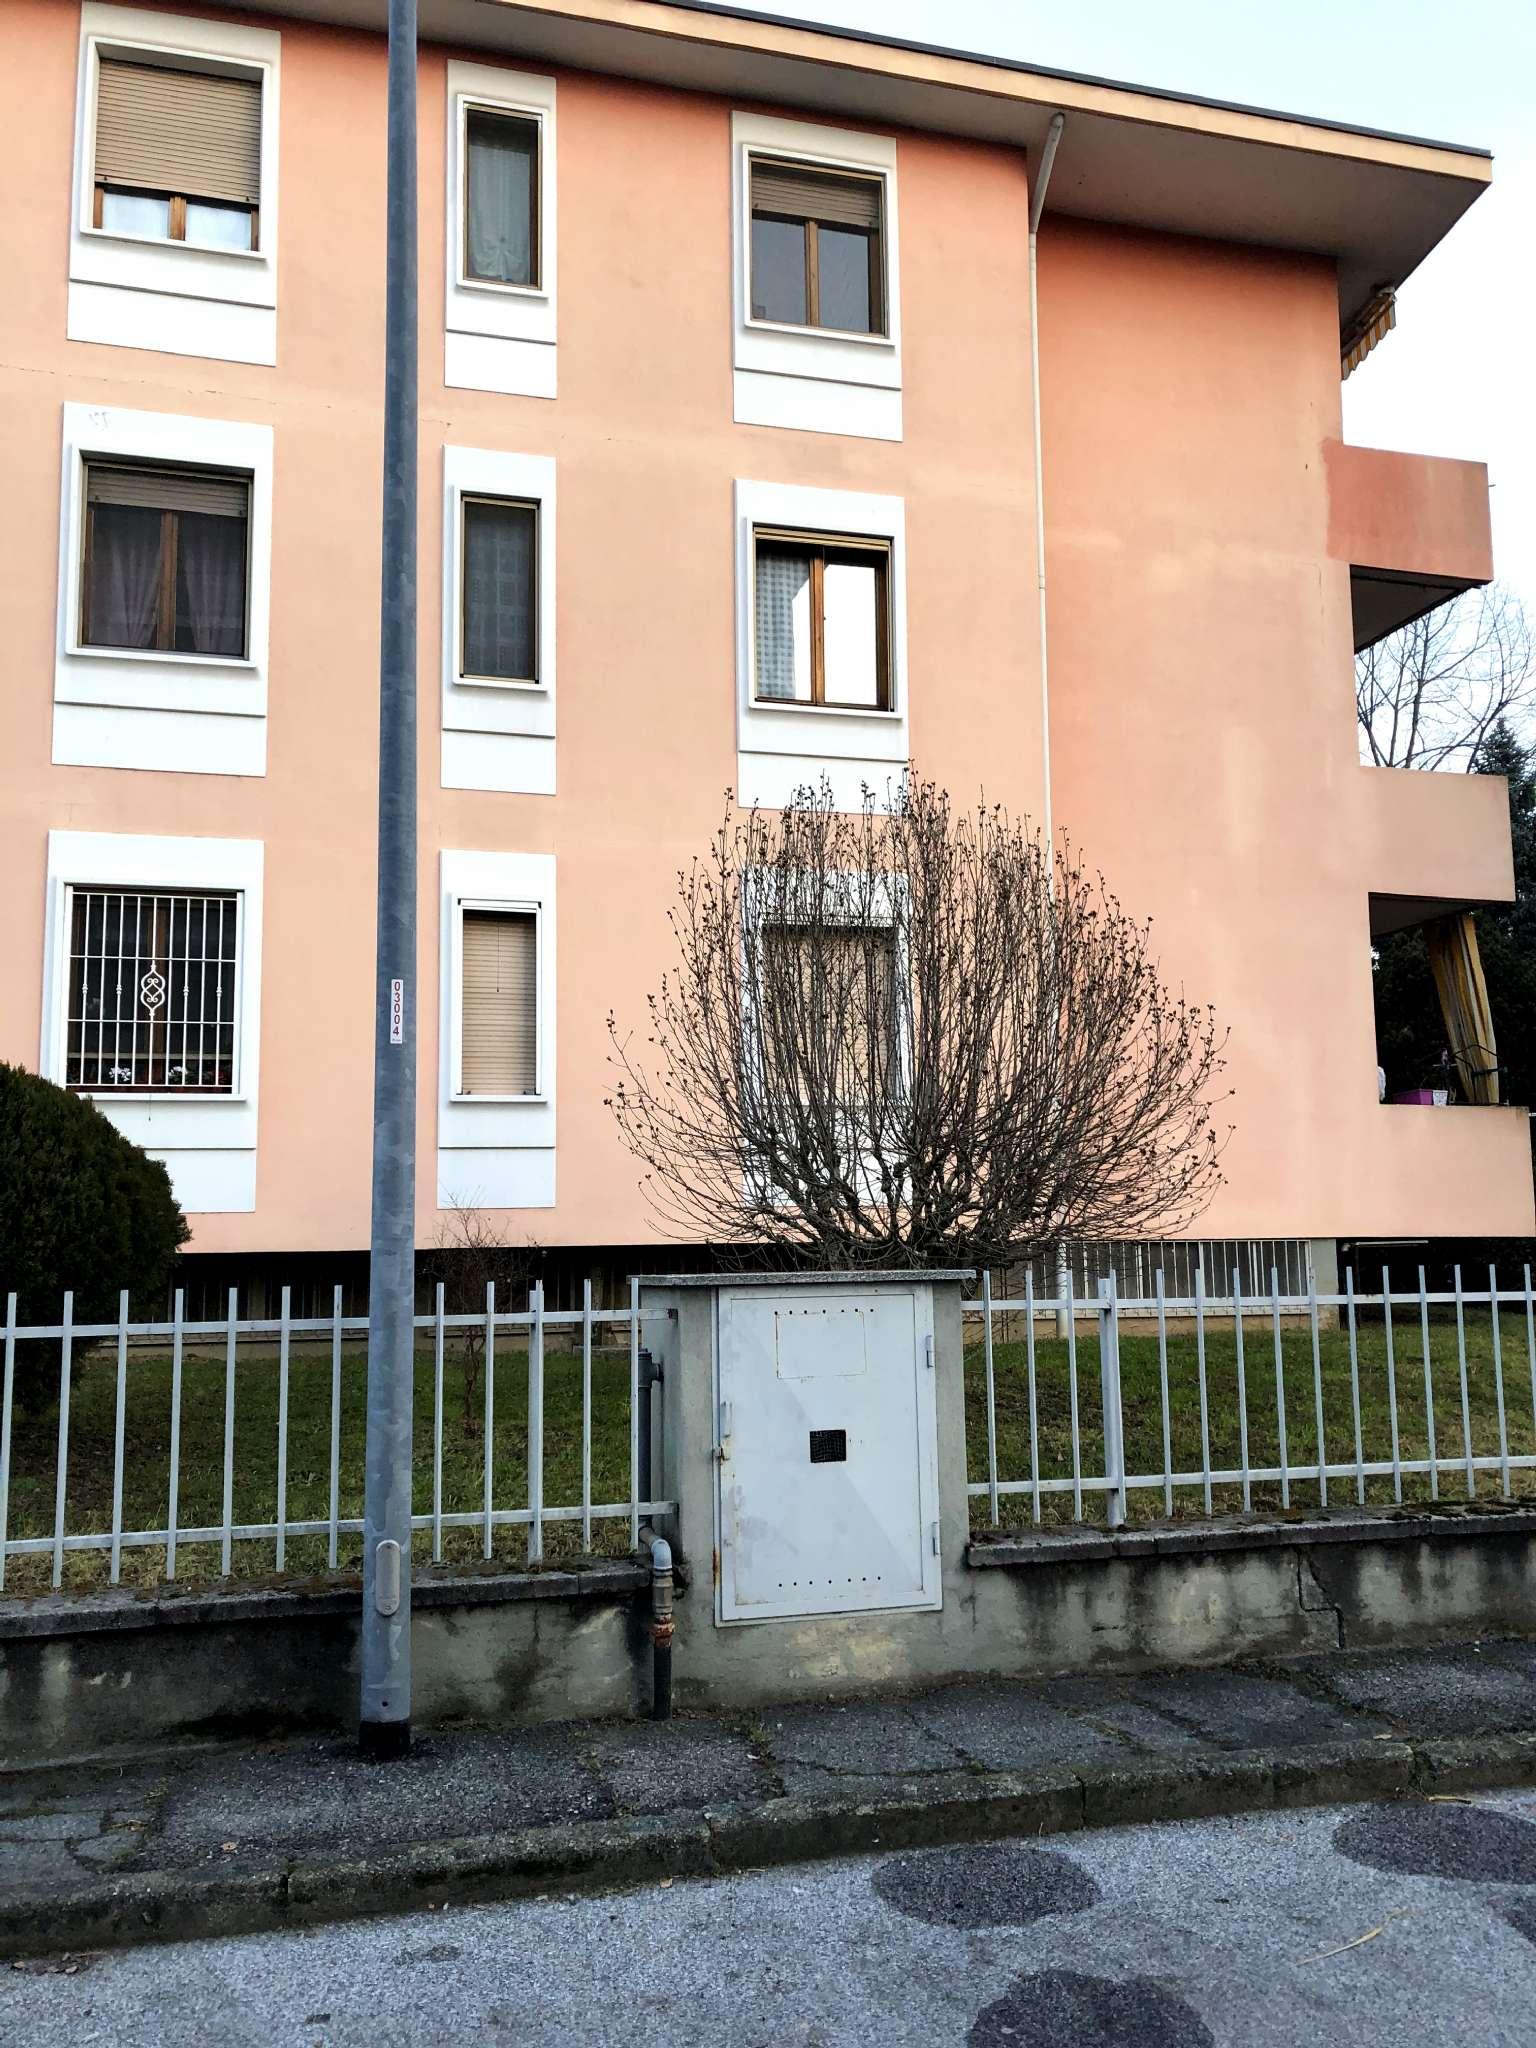 Appartamento in vendita a Airasca, 3 locali, prezzo € 54.000 | CambioCasa.it